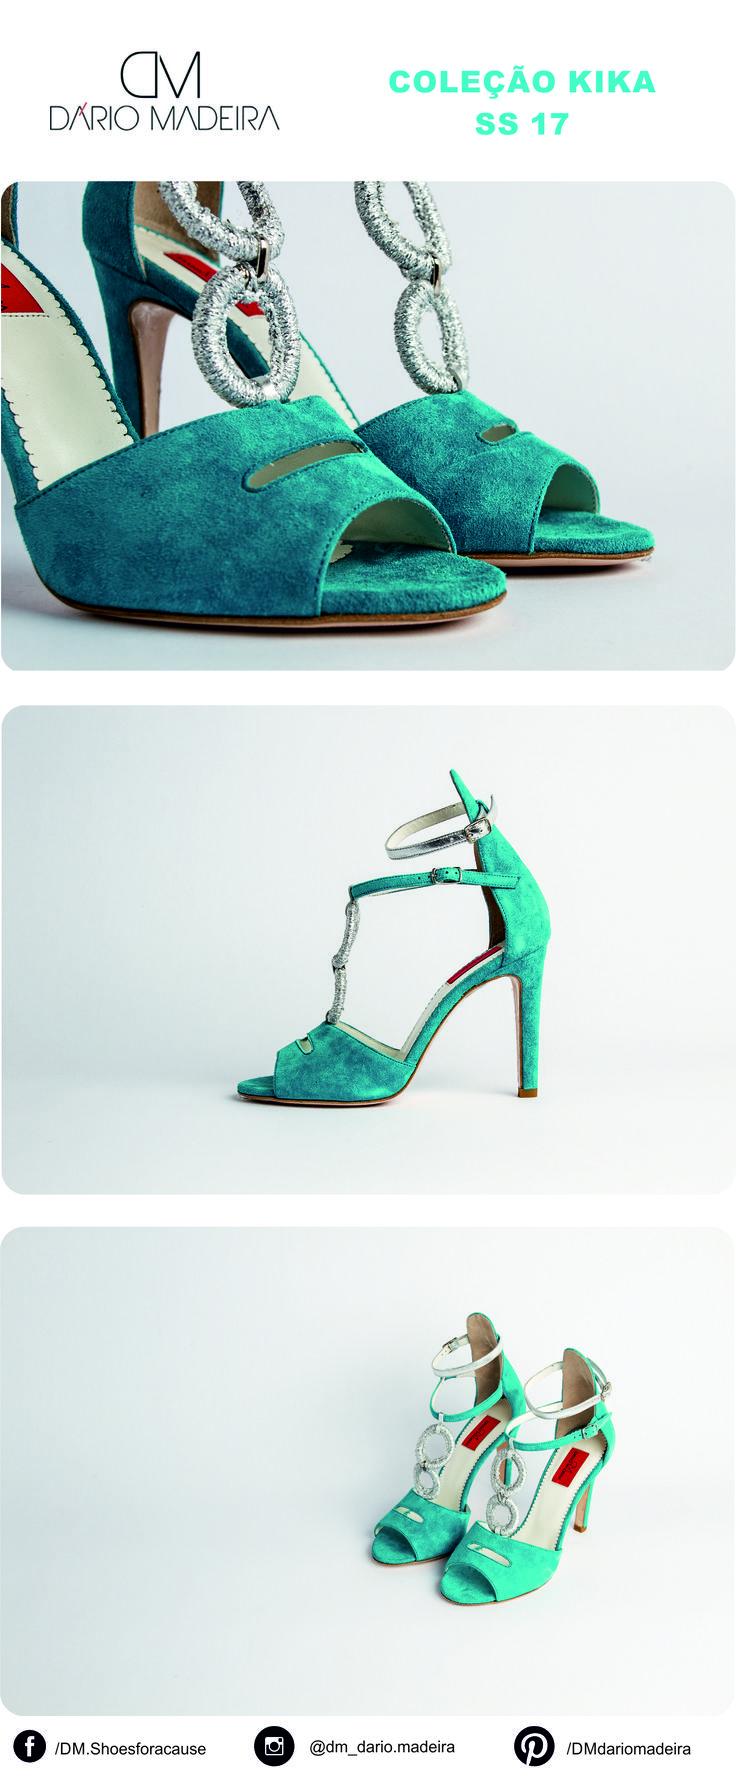 Sandália - Linha Kika | SS17 | DM - Dário Madeira  Sapato de Senhora | Shoes for a cause | Calçado Português | Portuguese Shoes | Made In Portugal